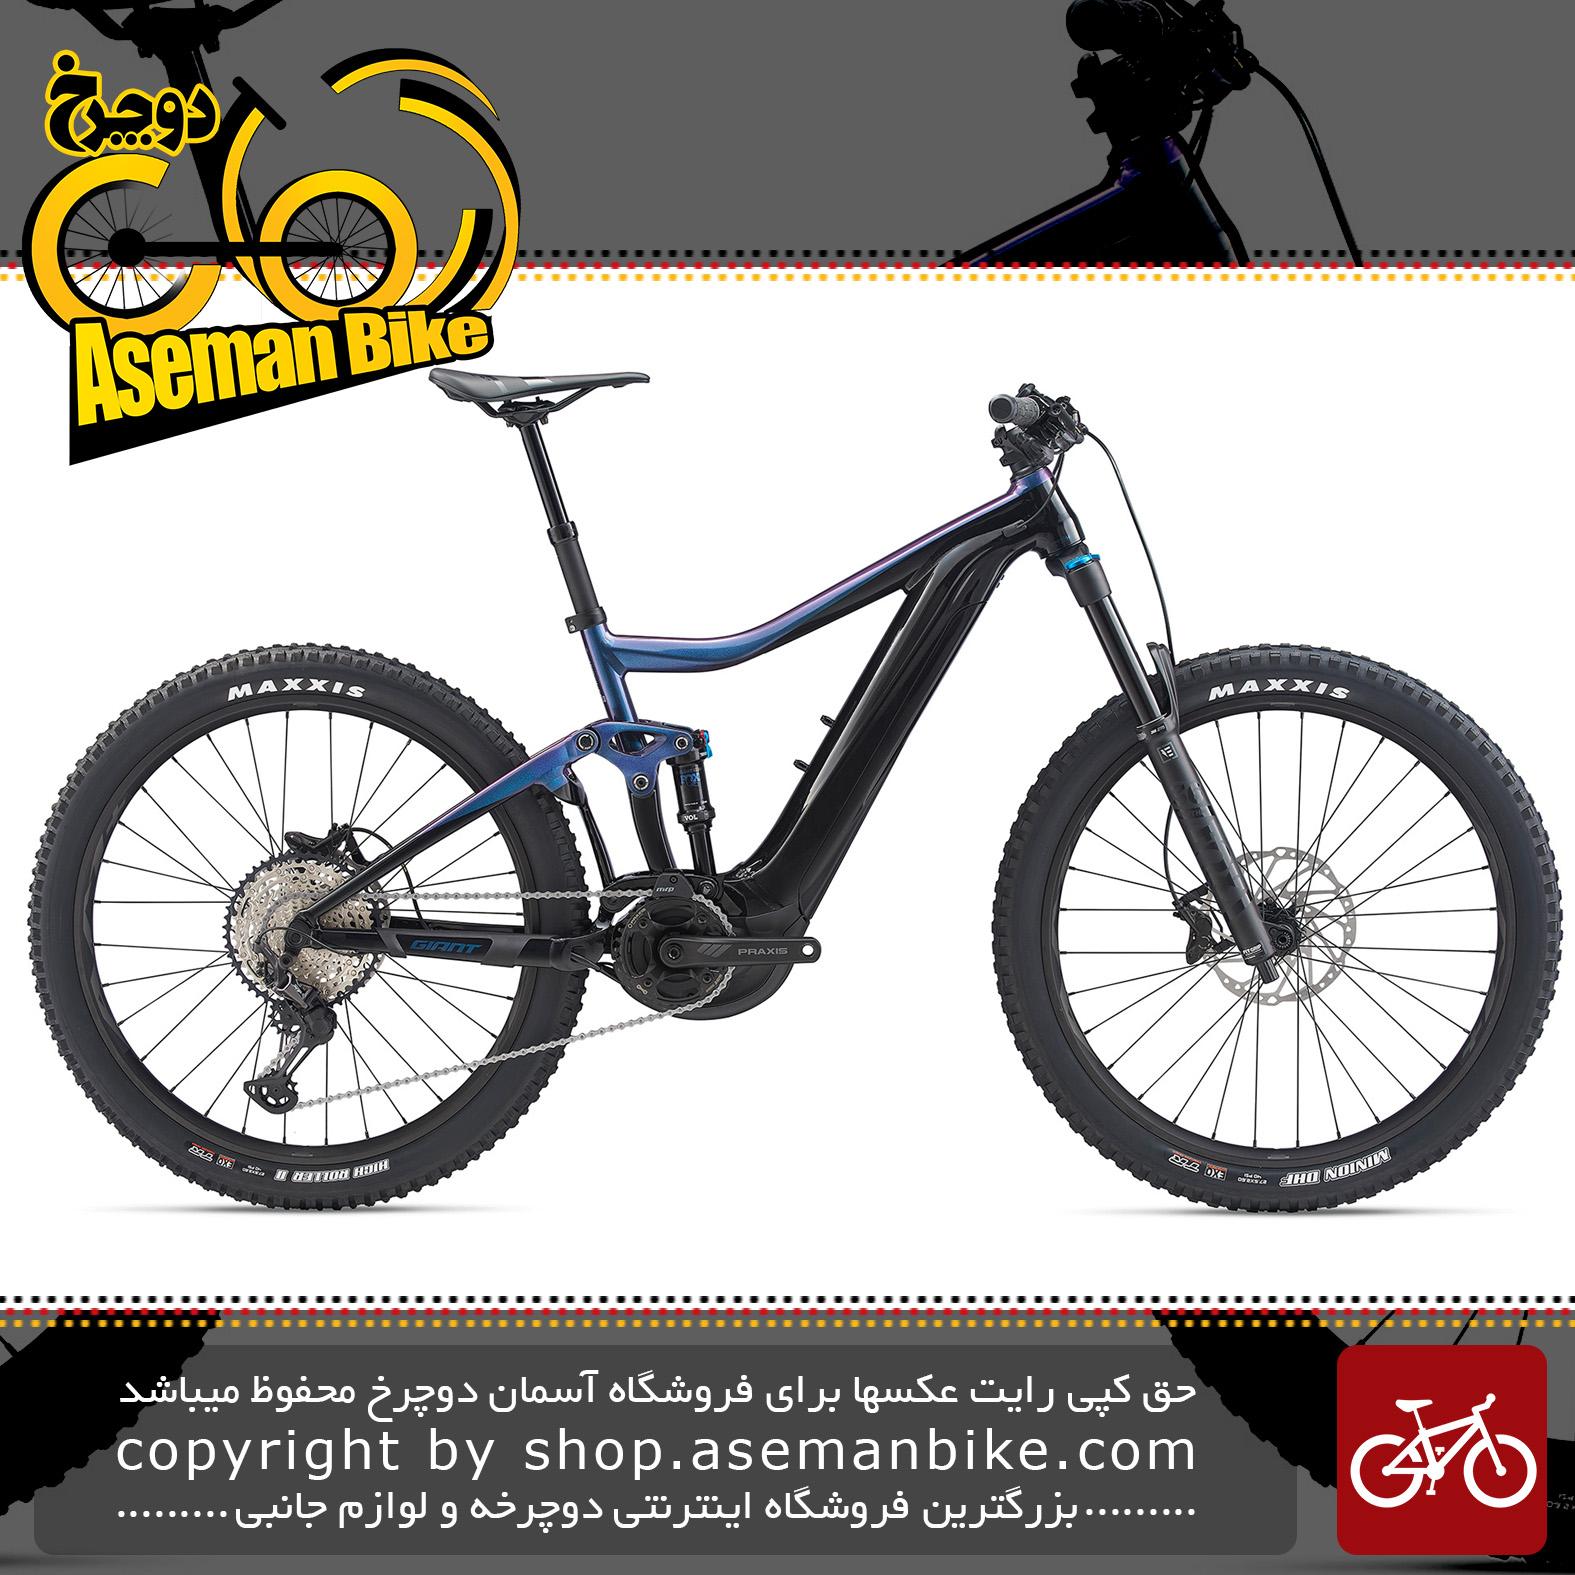 دوچرخه کوهستان برقی جاینت مدل ترنس ای پلاس 2 پرو 2020 Giant Mountain Bicycle Trance E+ 2 Pro 2020